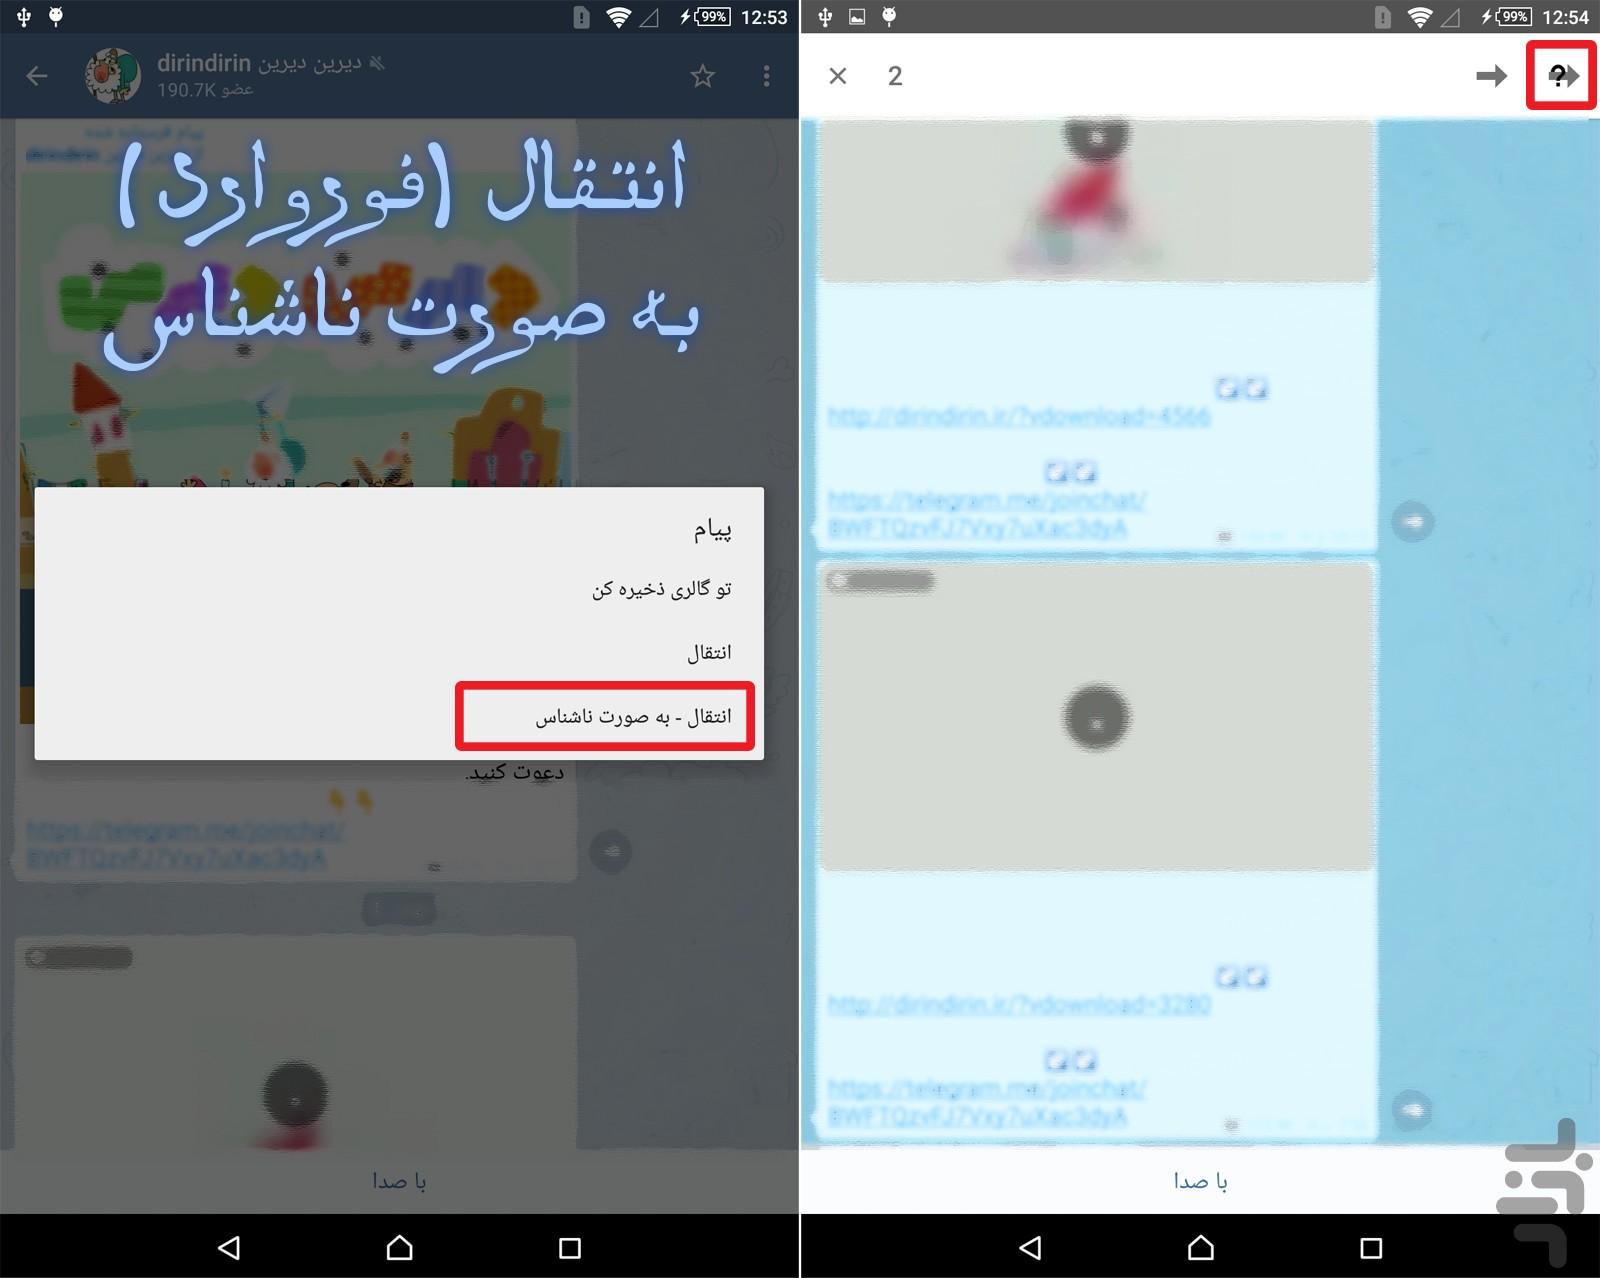 گروه های تلگرامی ترکی تلگرام + (غیر رسمی) - دانلود | نصب برنامه اندروید | کافه بازار